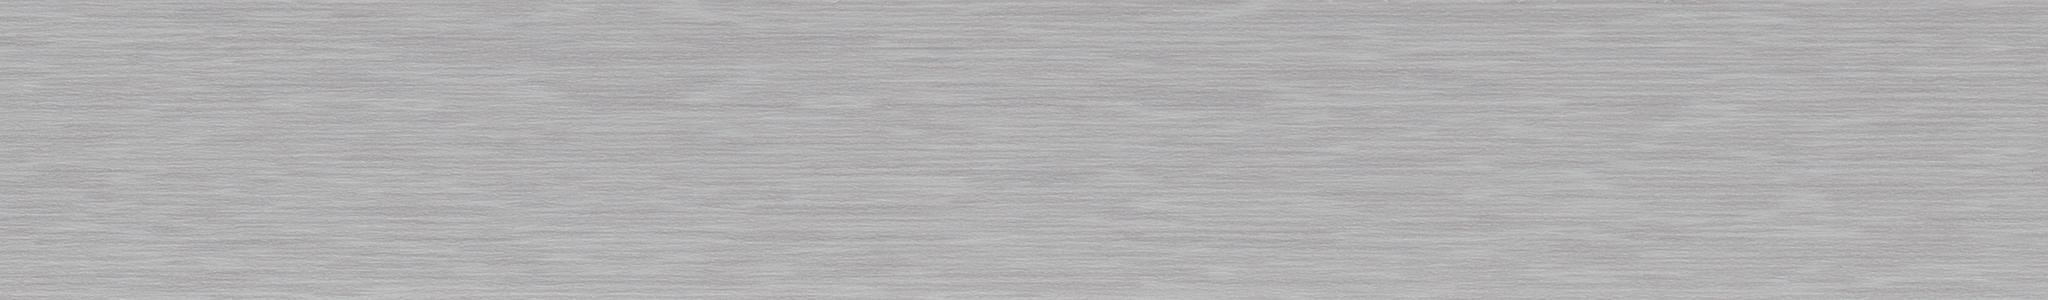 HD 296112 Кромка ABS Сталь Серая - Гладкая